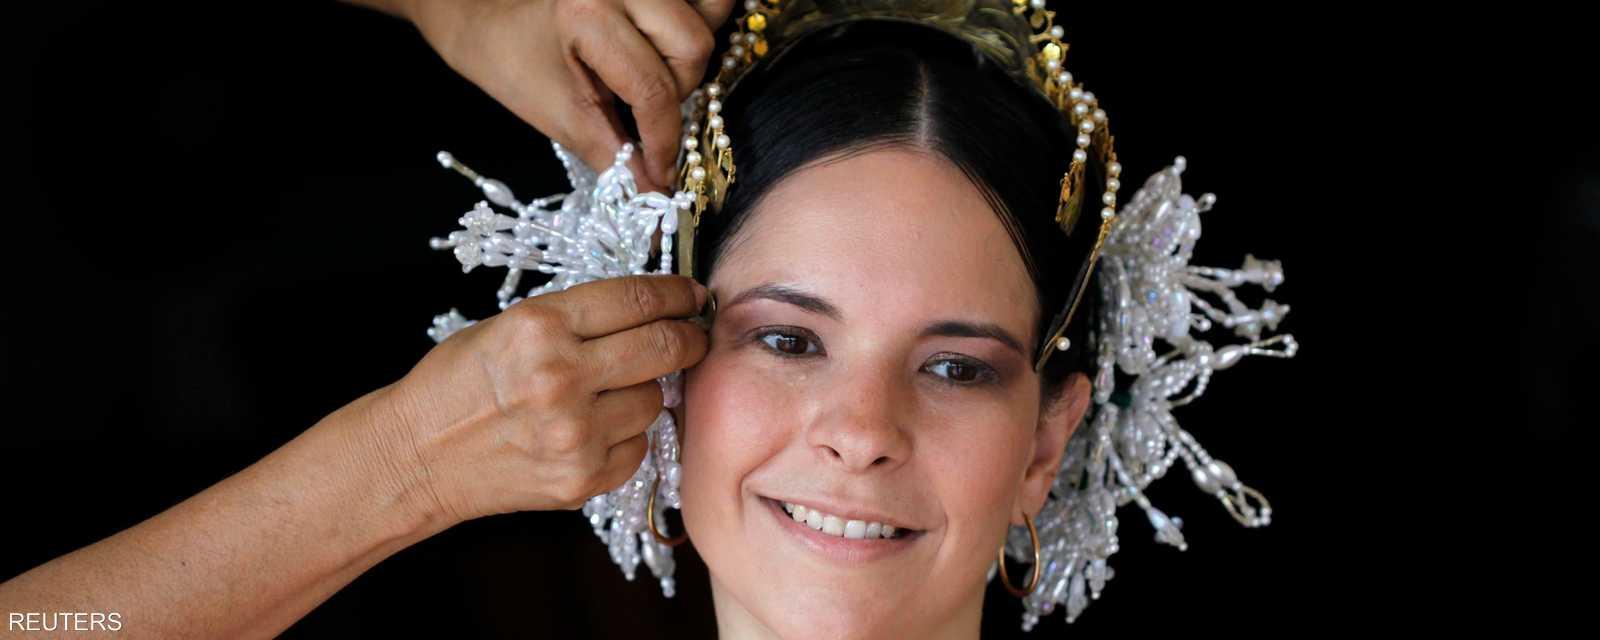 زينة للشعر تضفي رونقا على المشاركات بالموكب وتعيد إلى الأذهان صورة المرأة التقليدية